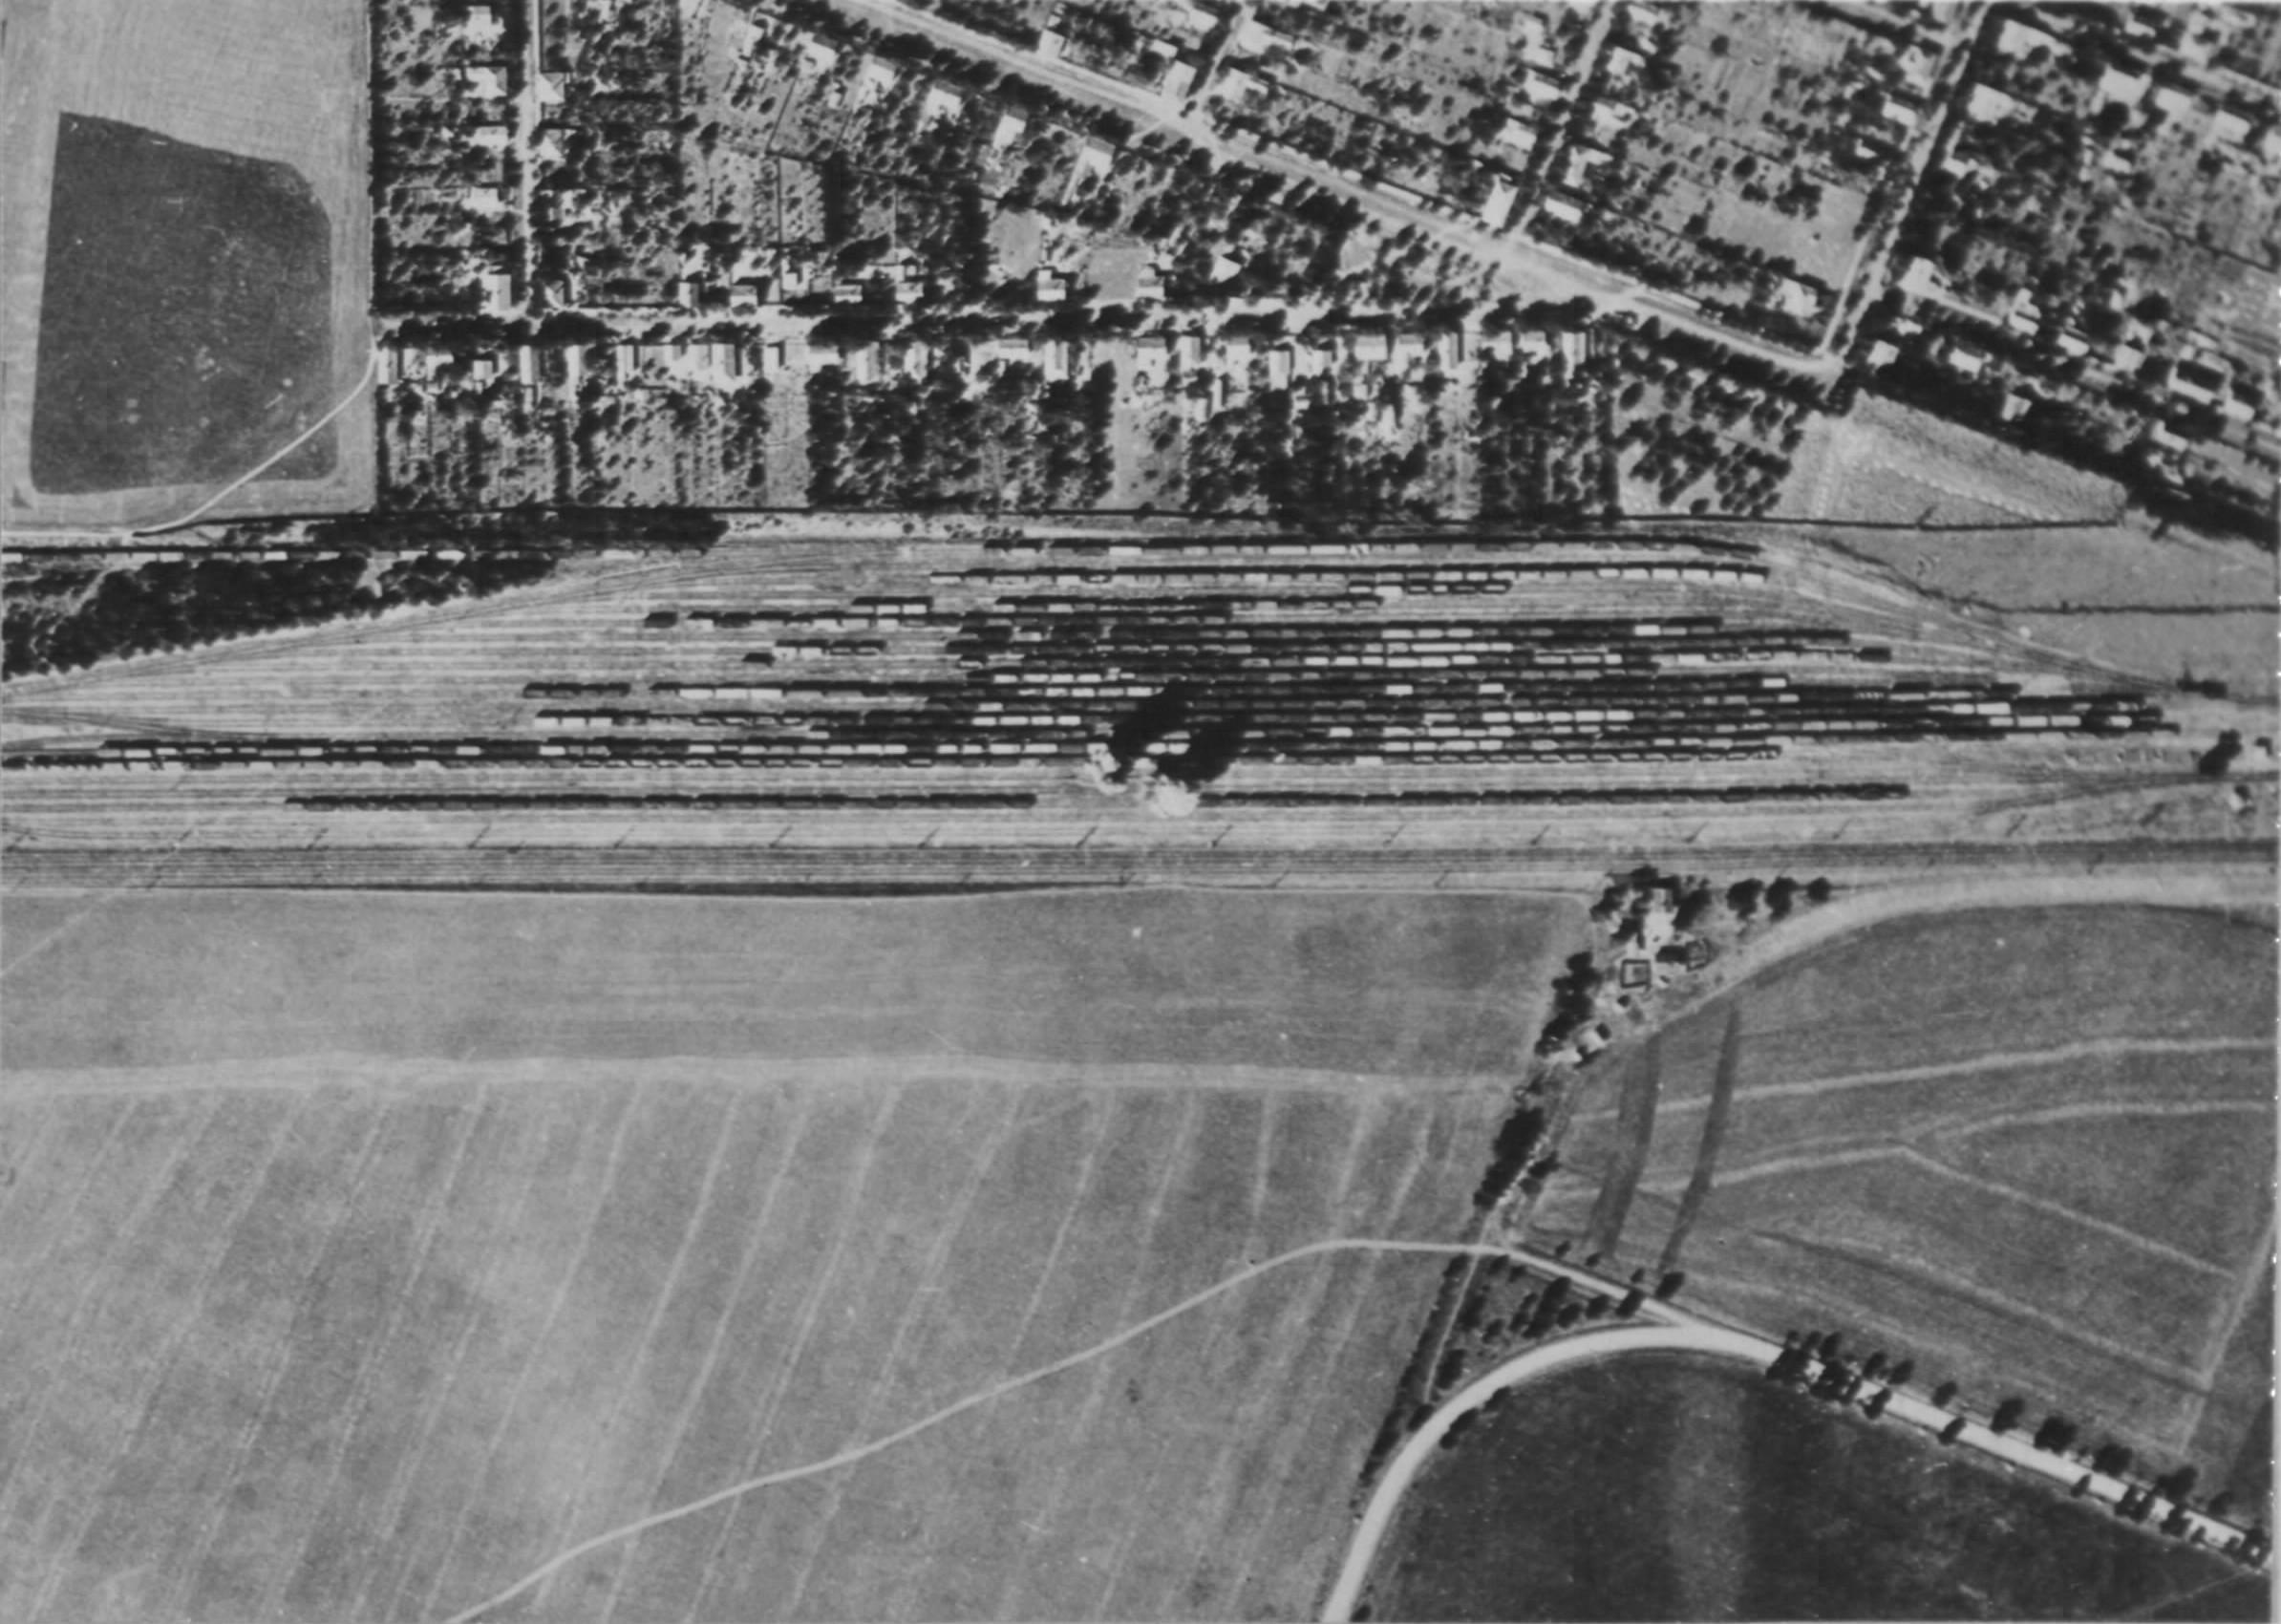 """A hatvani rendező pályaudvar, mint elsődleges célpont, a támadás pillanatában. A vágányokon várakozó német hadiszállítmány-szerelvények. Jól kivehető a Teleki/Thököly/Lehet utca háromszöge; a kép baloldalán lévő """"üres"""" területen épült fel 30 évvel később az újhatvani strand. (USA NA / USAAF szabad hozzáférésű archívuma)"""